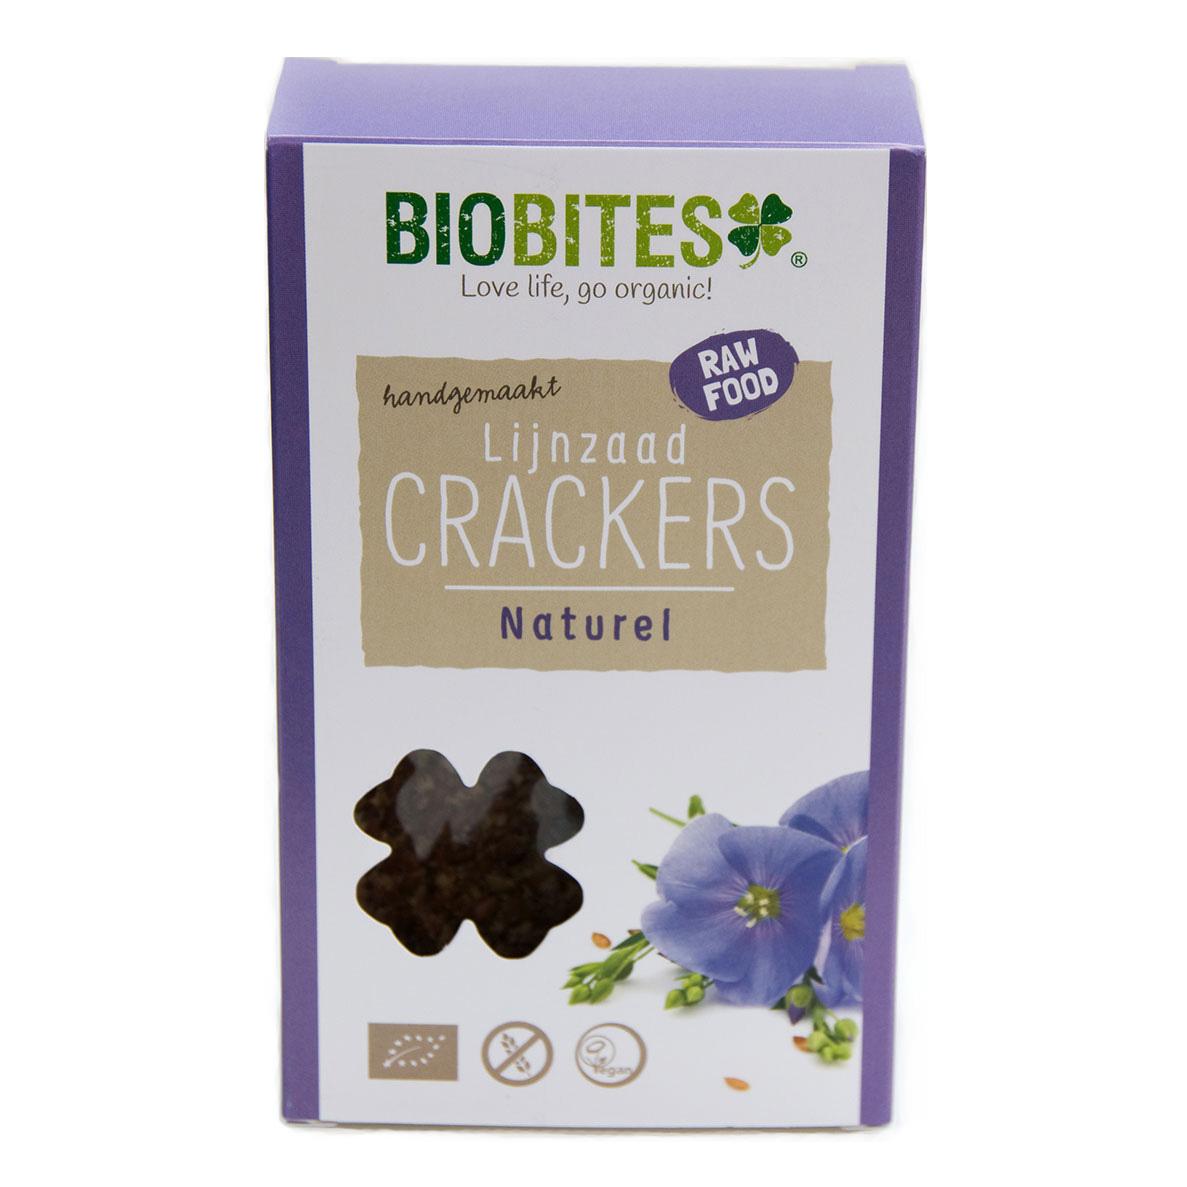 biobites-lijnzaad-cracker-naturel